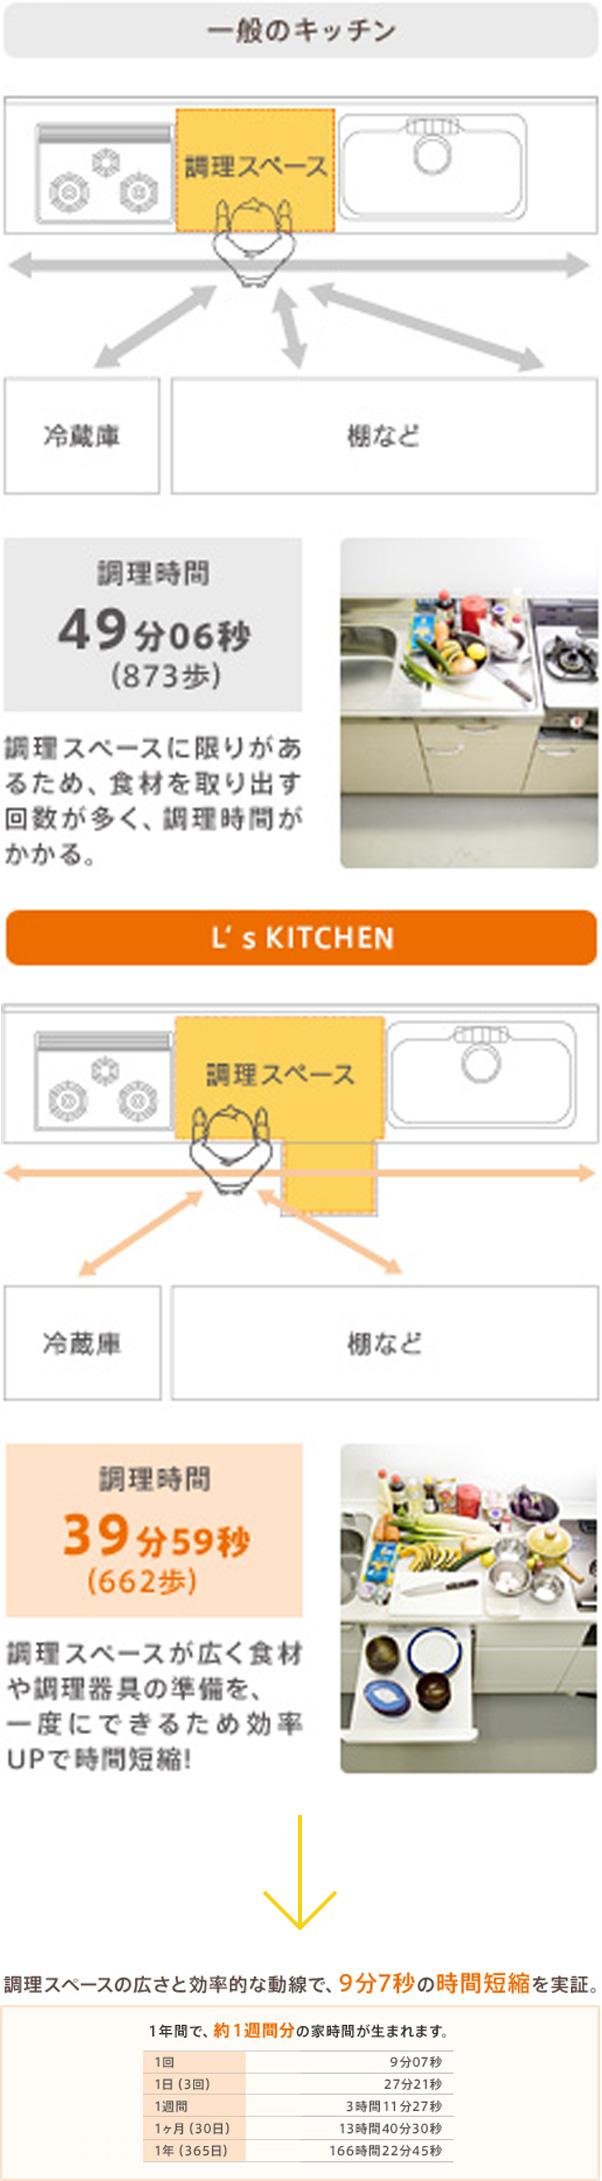 一般のキッチン 調理時間49分06秒(873歩) 調理スペースに限りがあるため、食材を取り出す回数が多く、調理時間がかかる。 L's KITCHEN 39分59秒(662歩) 調理スペースが広く食材や調理器具の準備を、一度にできるため効率UPで時間短縮! 調理スペースの広さと効率的な動線で、9分7秒の時間短縮を実証。 1年間で、約1週間分の家時間が生まれます。 1回9分07秒 1日(3回)27分21秒 1週間3時間11分27秒 1ヶ月(30日)13時間40分30秒 1年(365日)166時間22分45秒